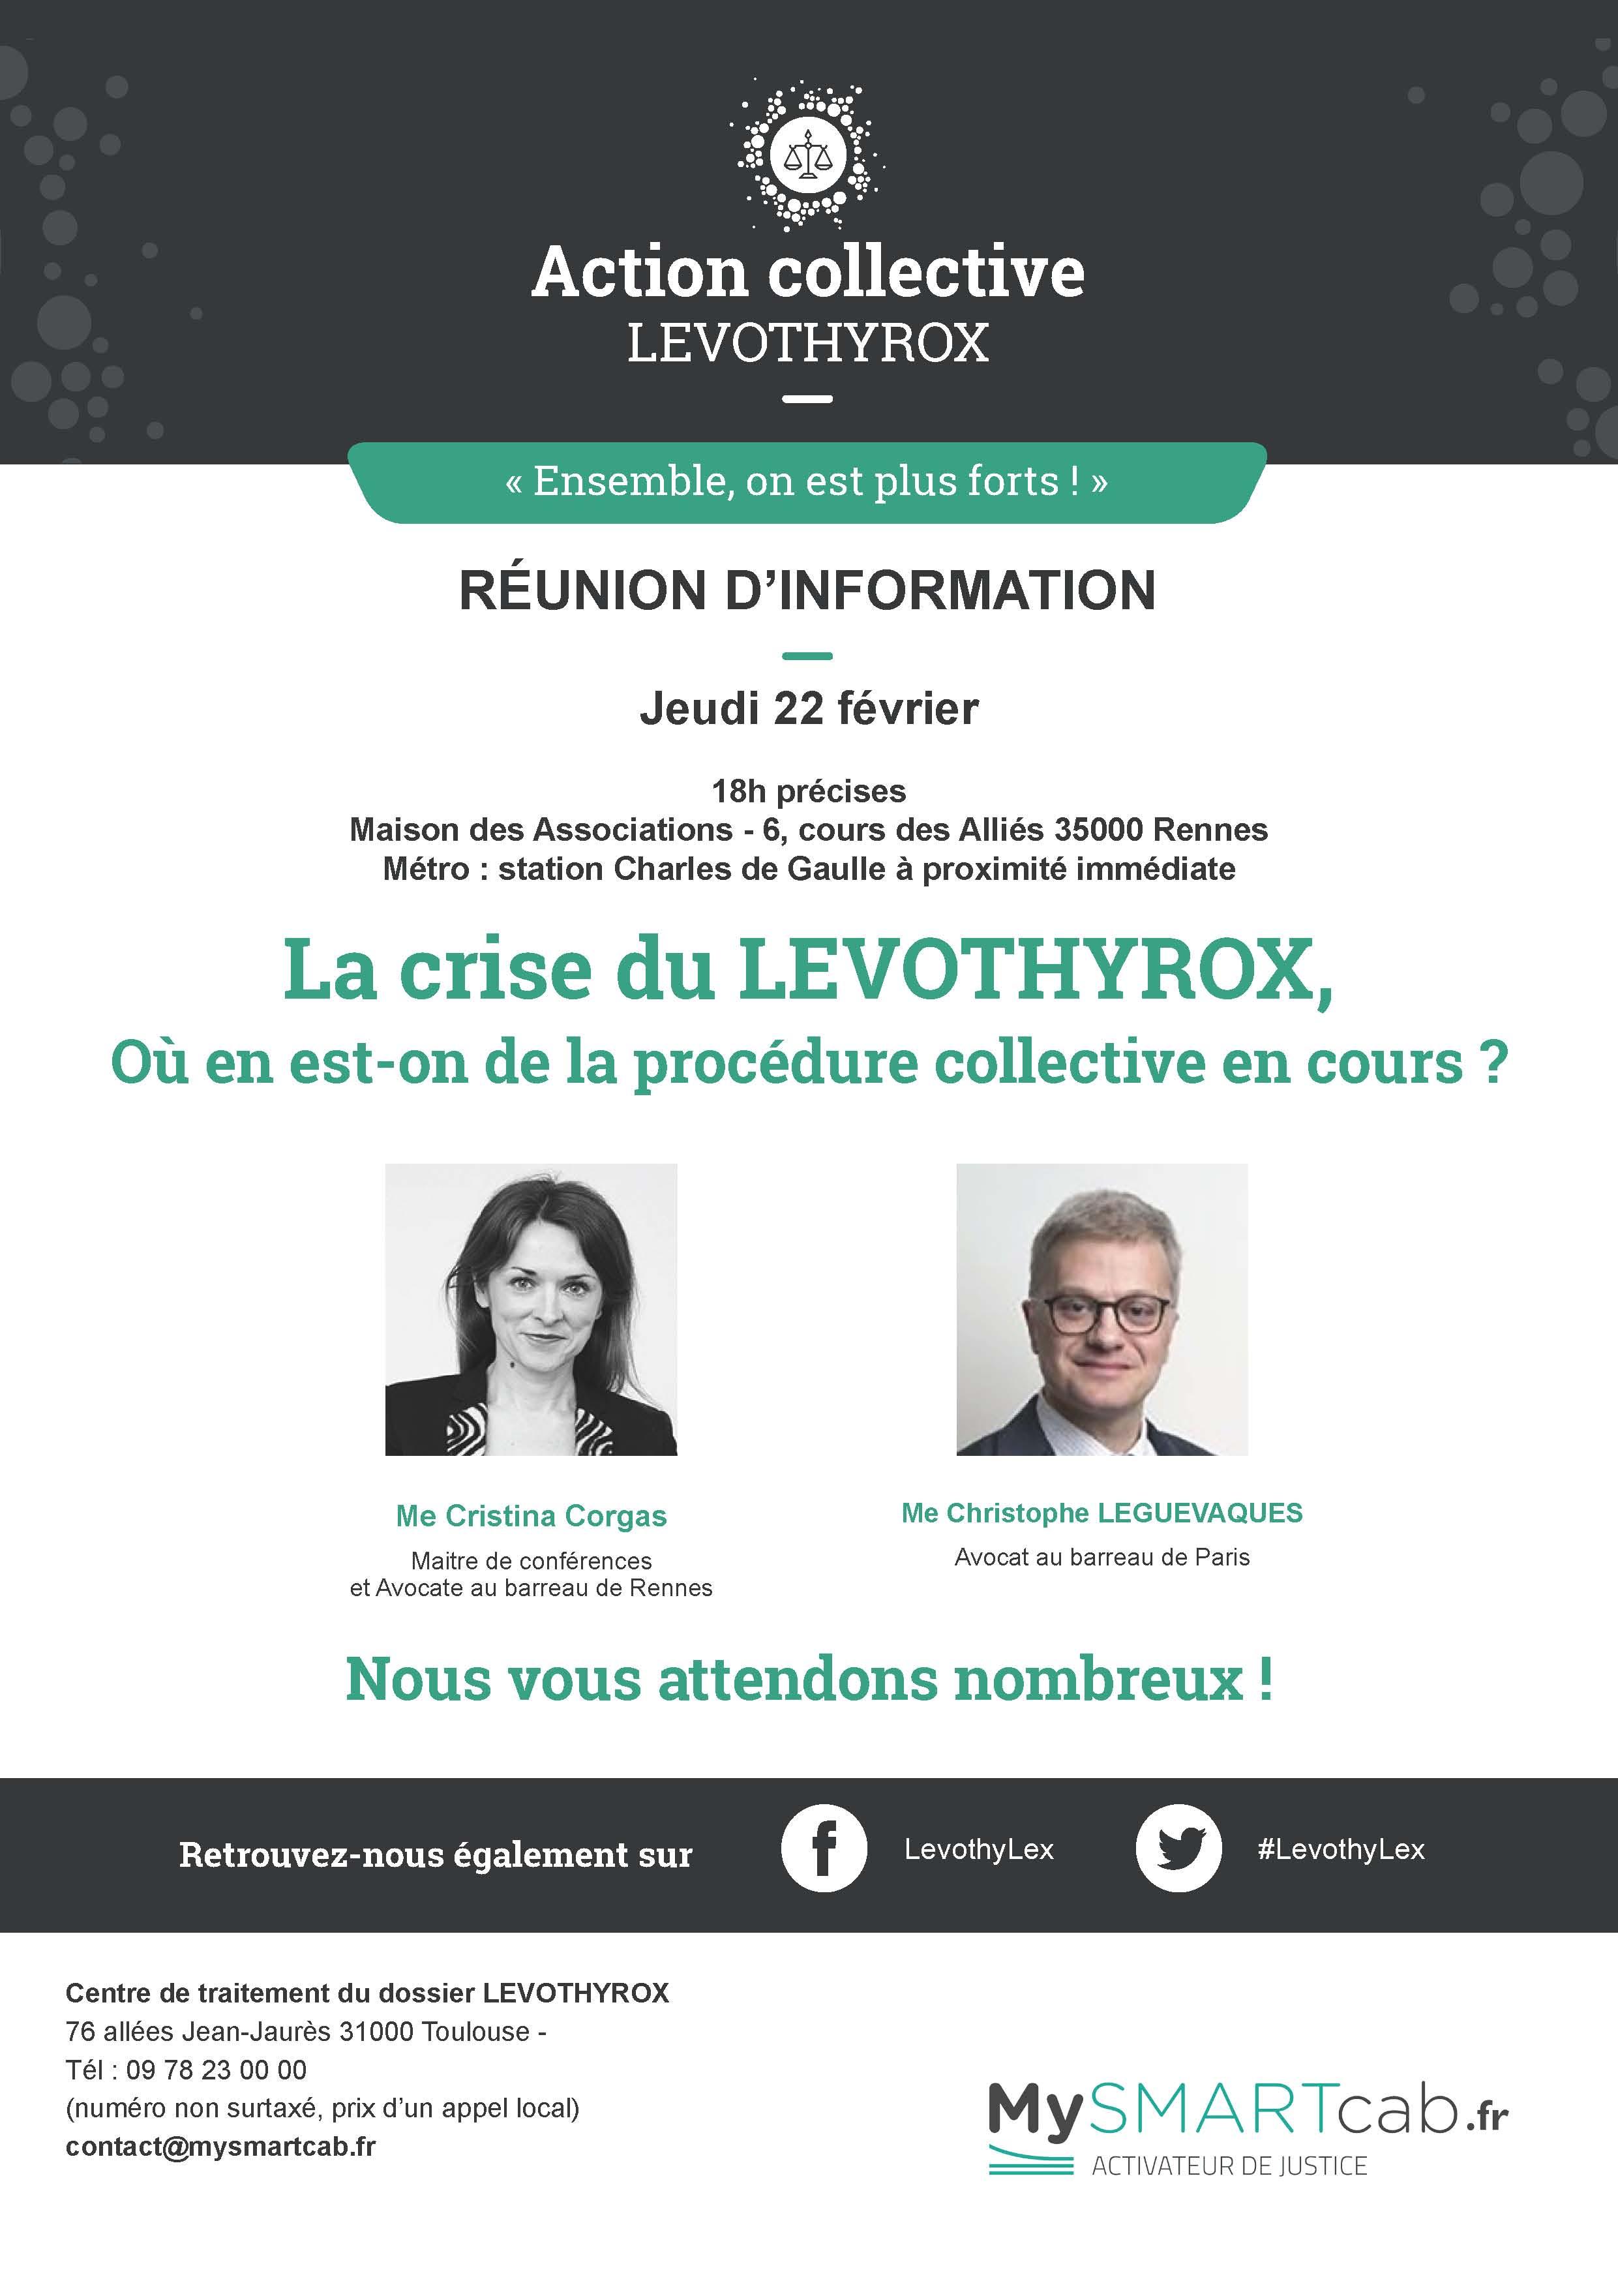 #LEVOTHYROX - Réunion d'informations à #RENNES- jeudi 22 février 2018